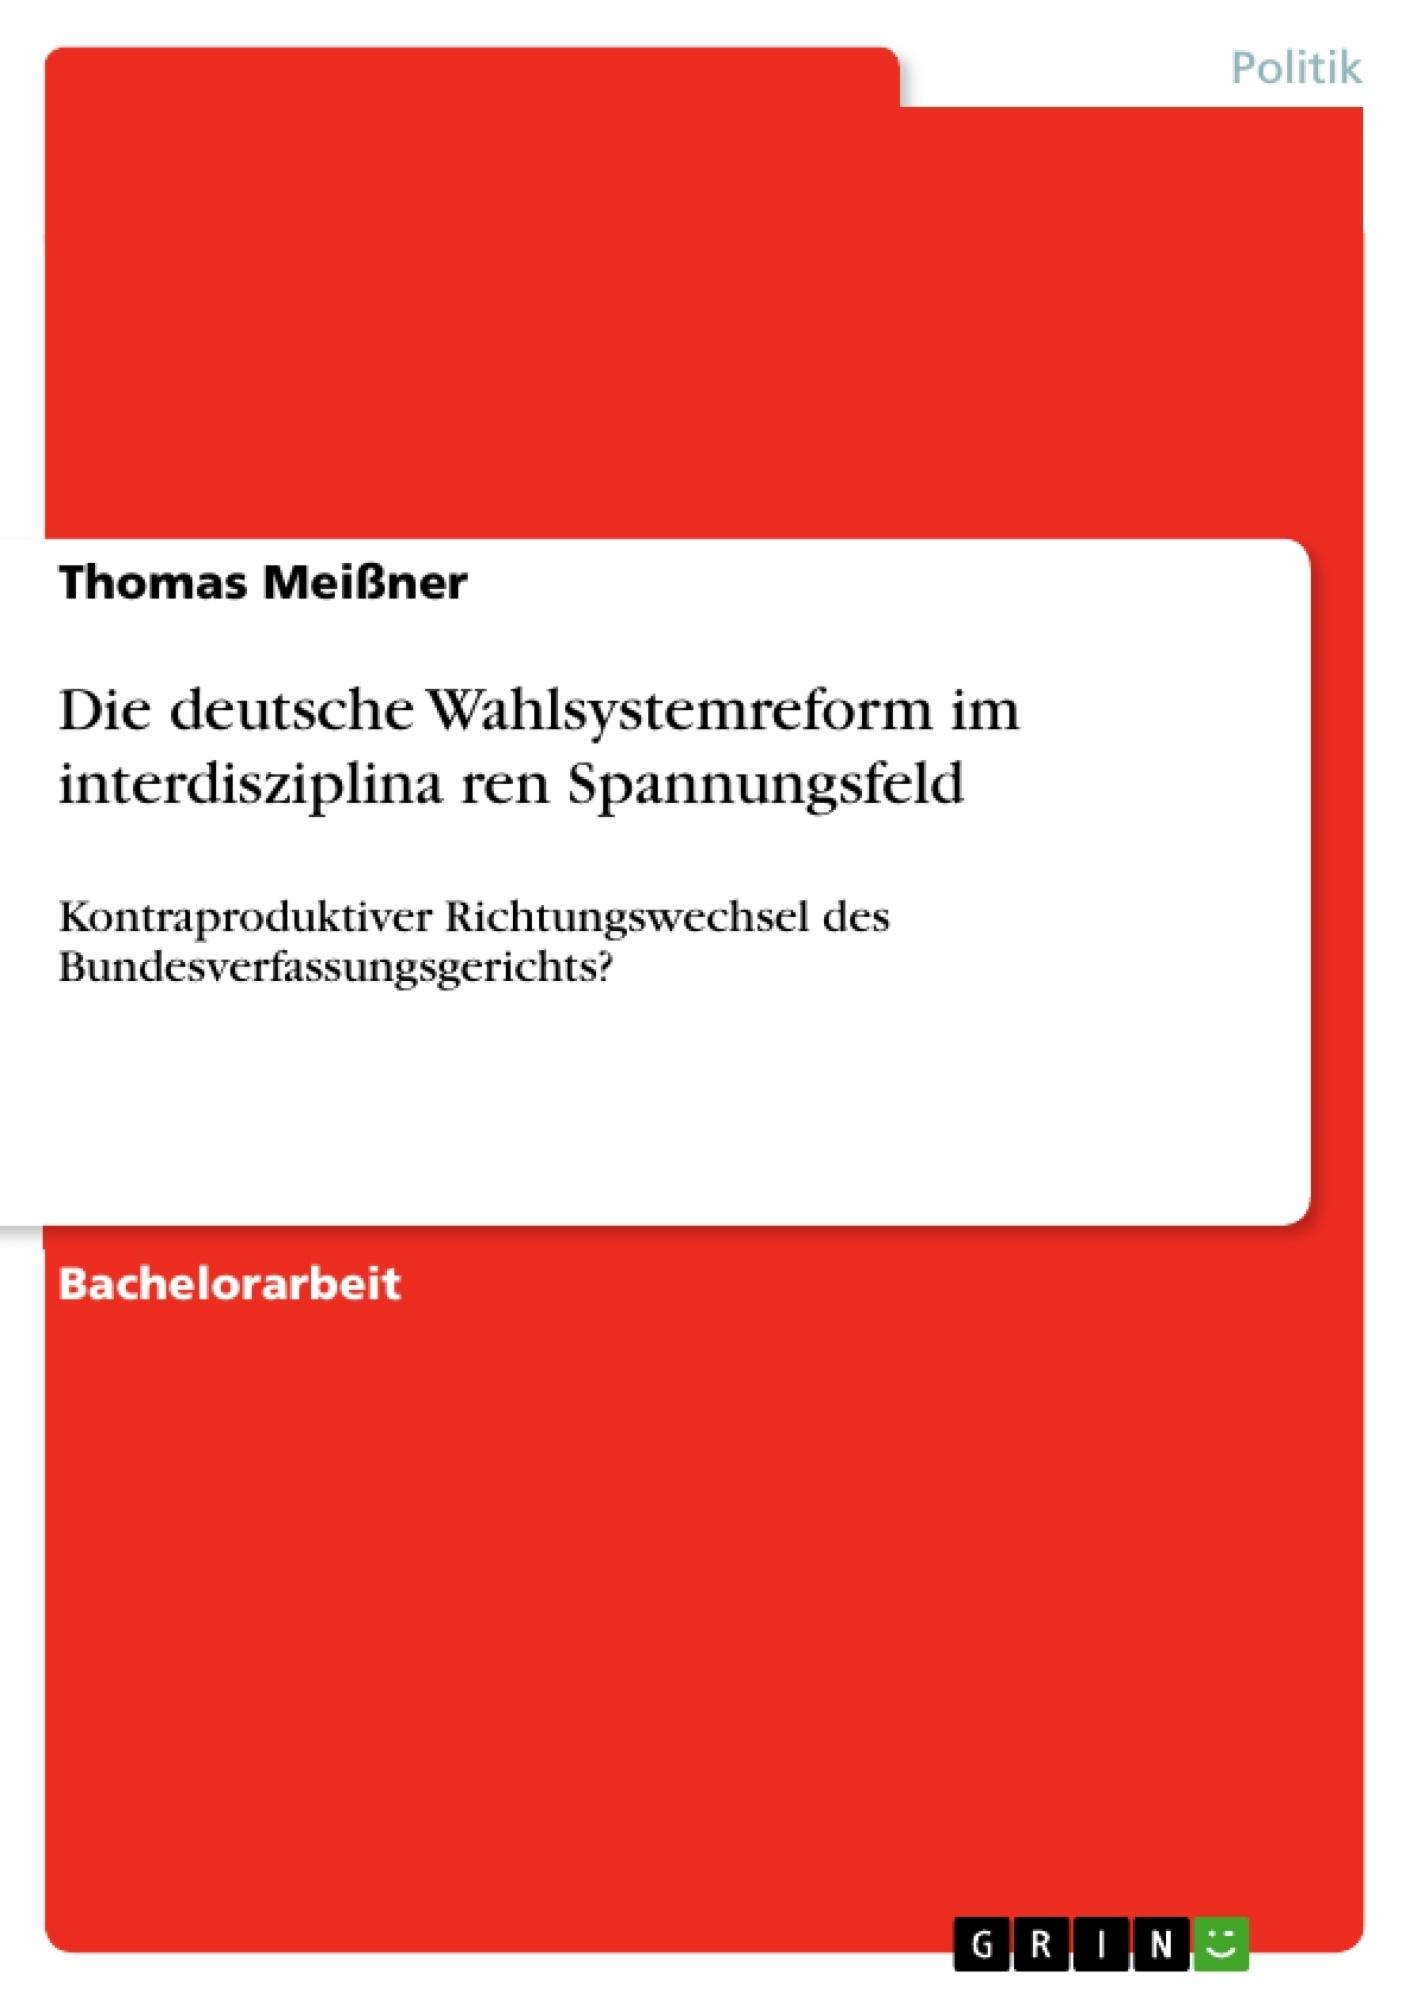 Titel: Die deutsche Wahlsystemreform im interdisziplinären Spannungsfeld